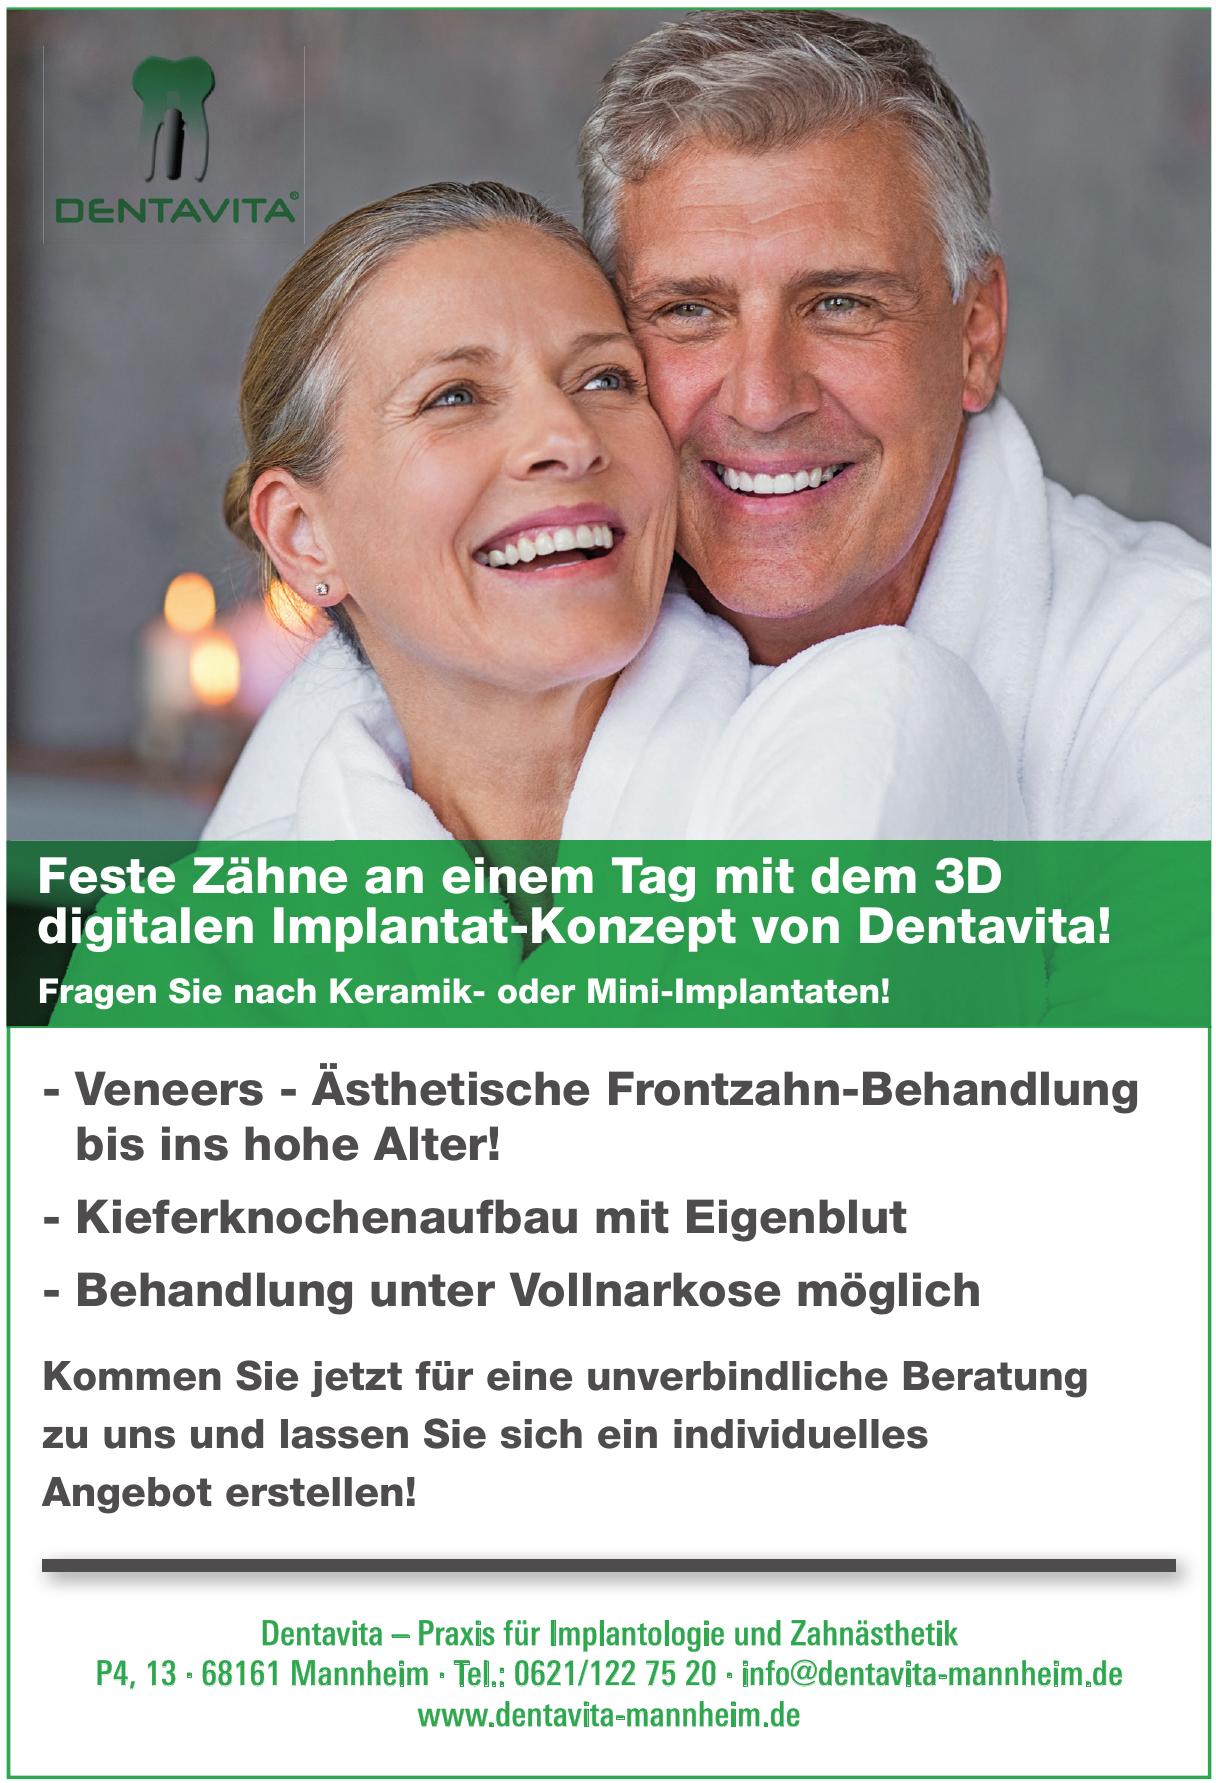 Dentavita – Praxis für Implantologie und Zahnästhetik